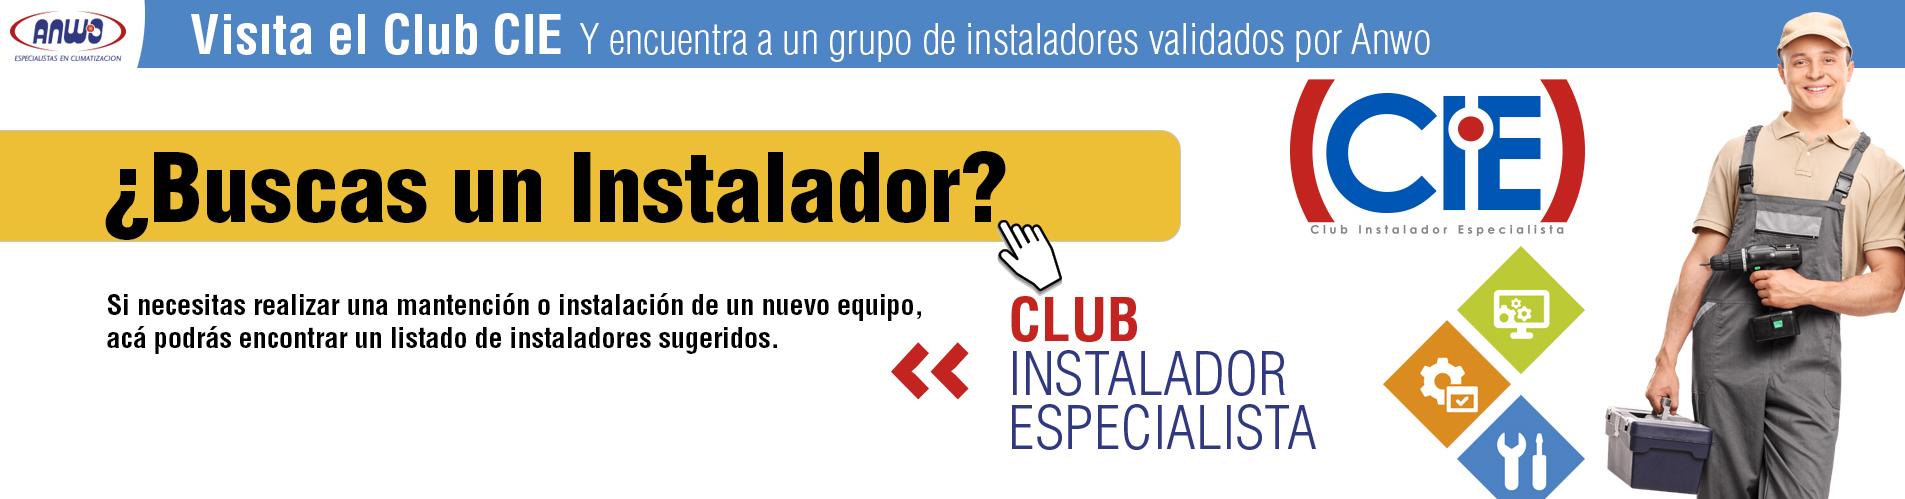 Club CIE ¿Buscas un Instalador?